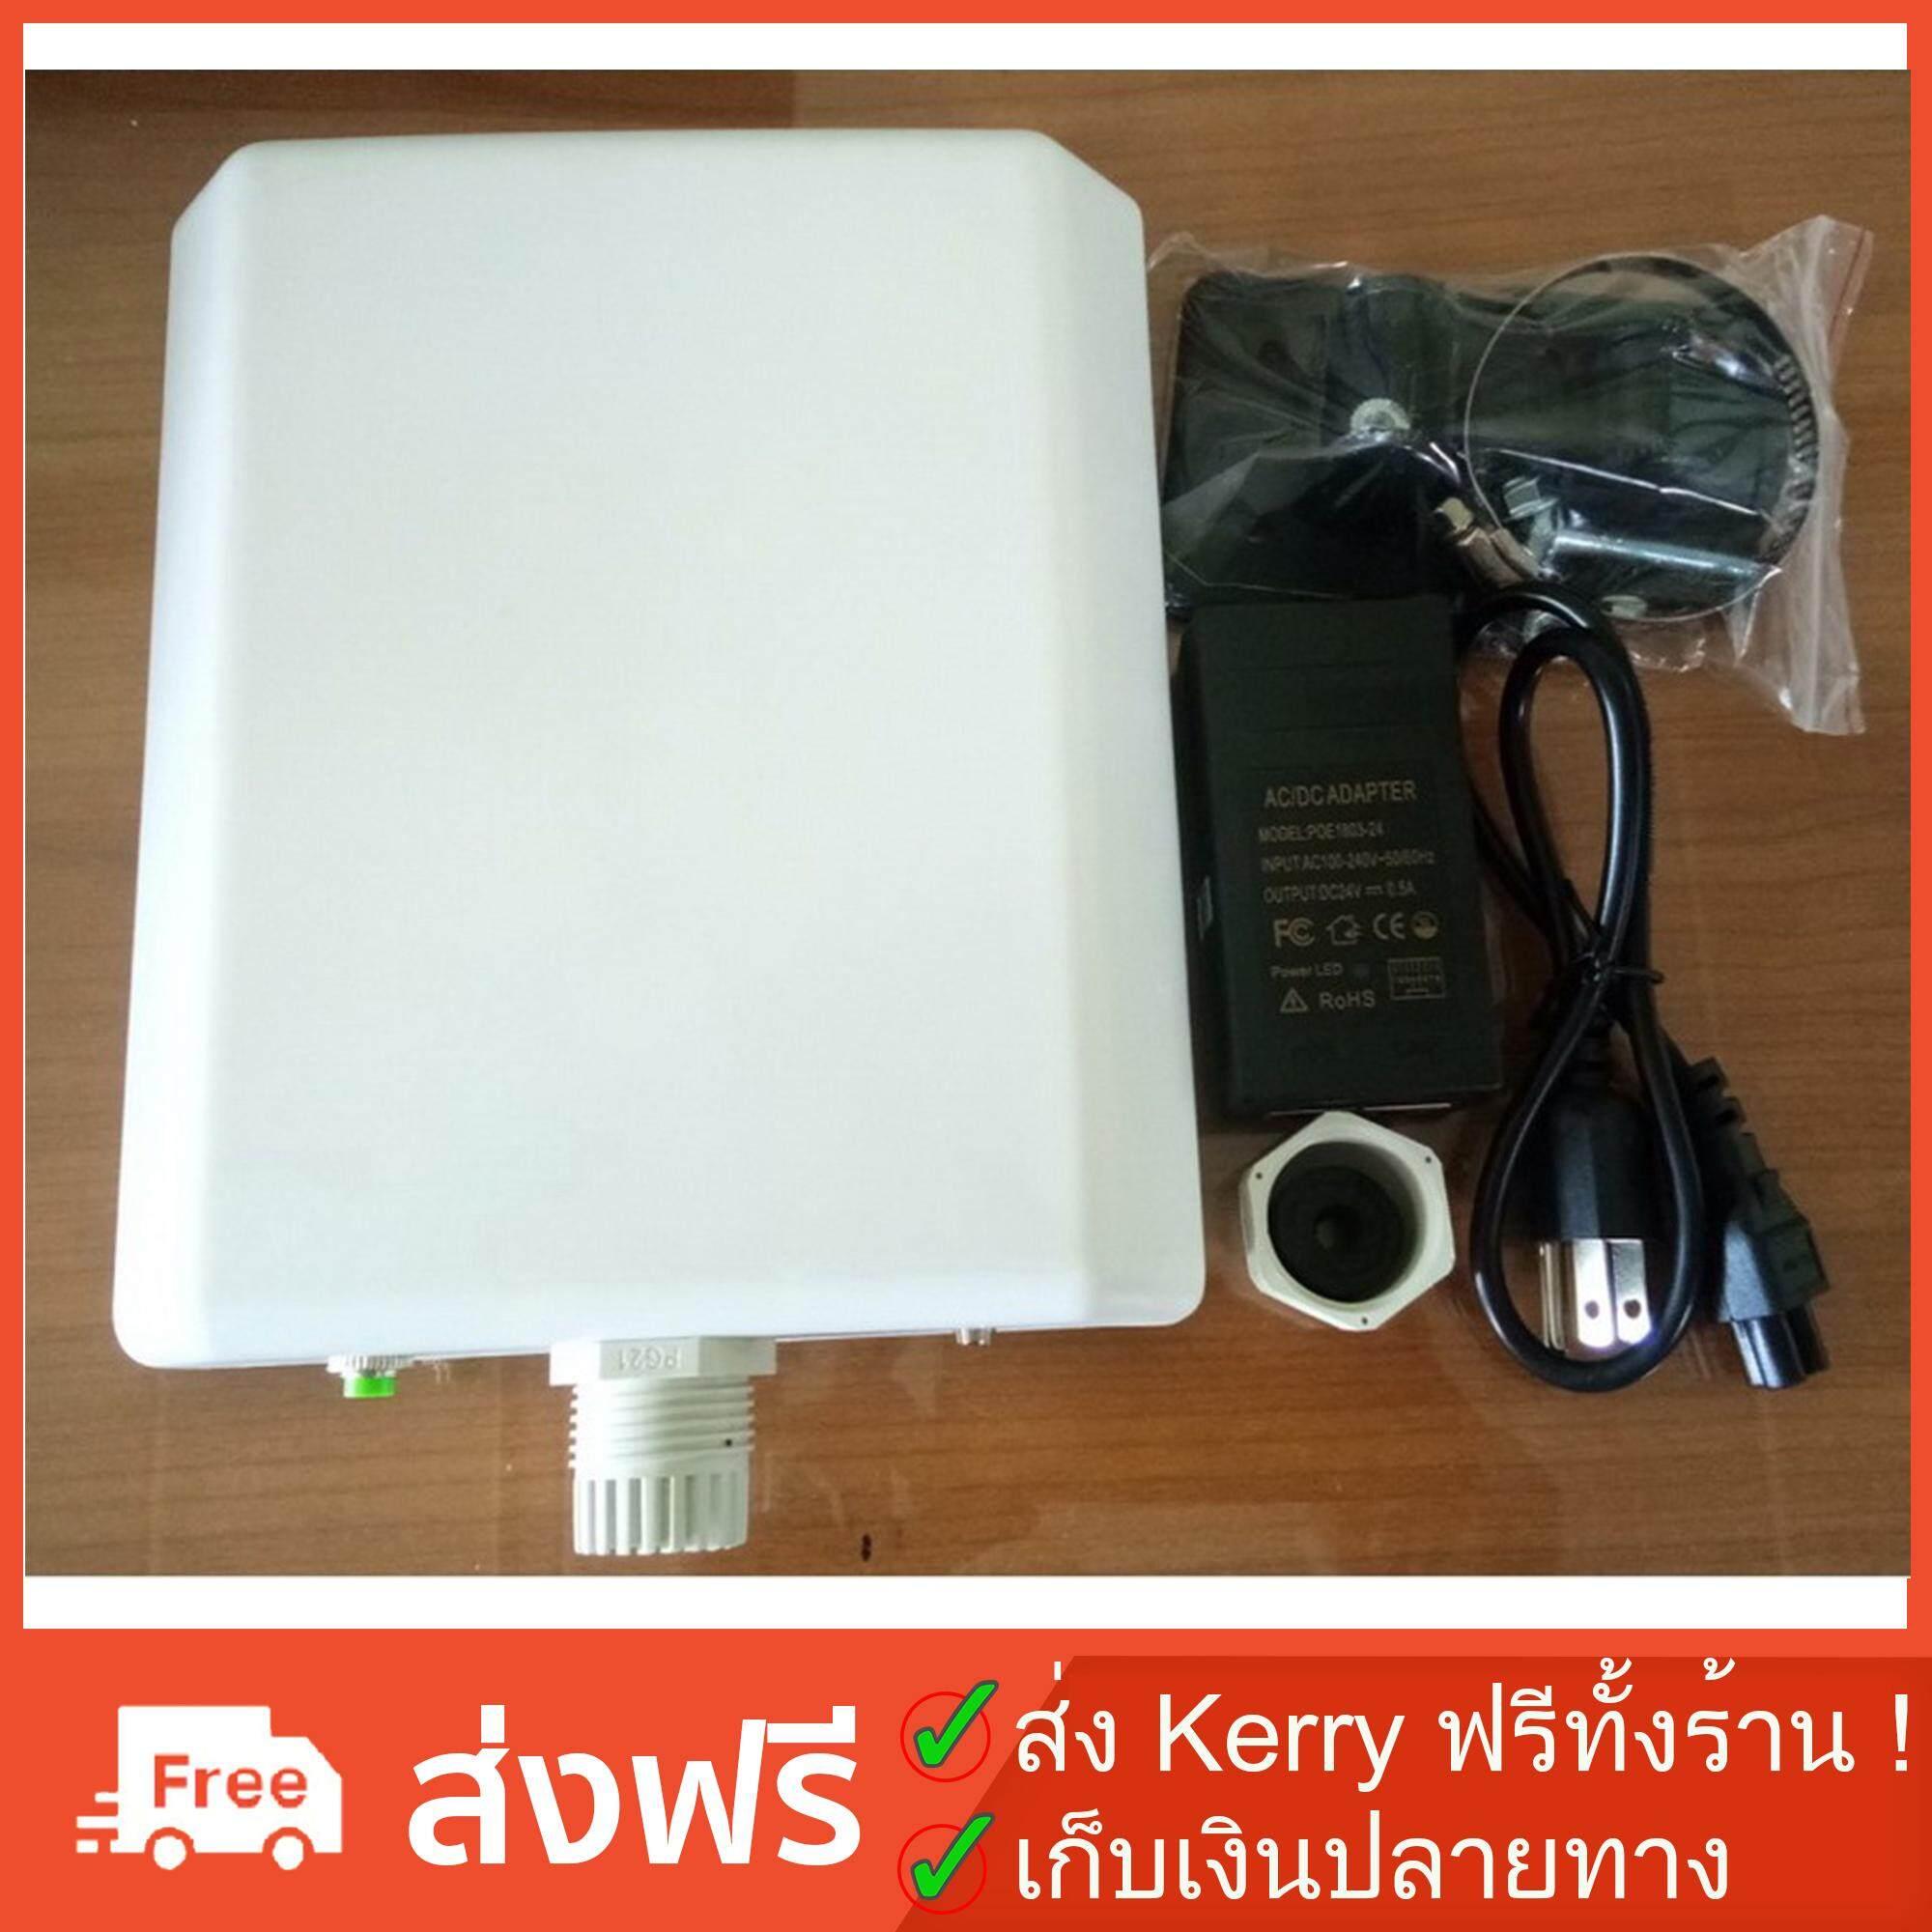 ลดสุดๆ ส่ง Kerry ฟรีทั้งร้าน !!  CPE-RKM2-24V-1Y : CPE UBNT จีน Fw. Rocket M2/2.4Ghz / AirMax / PoE 24V   ประกัน 1 ปี